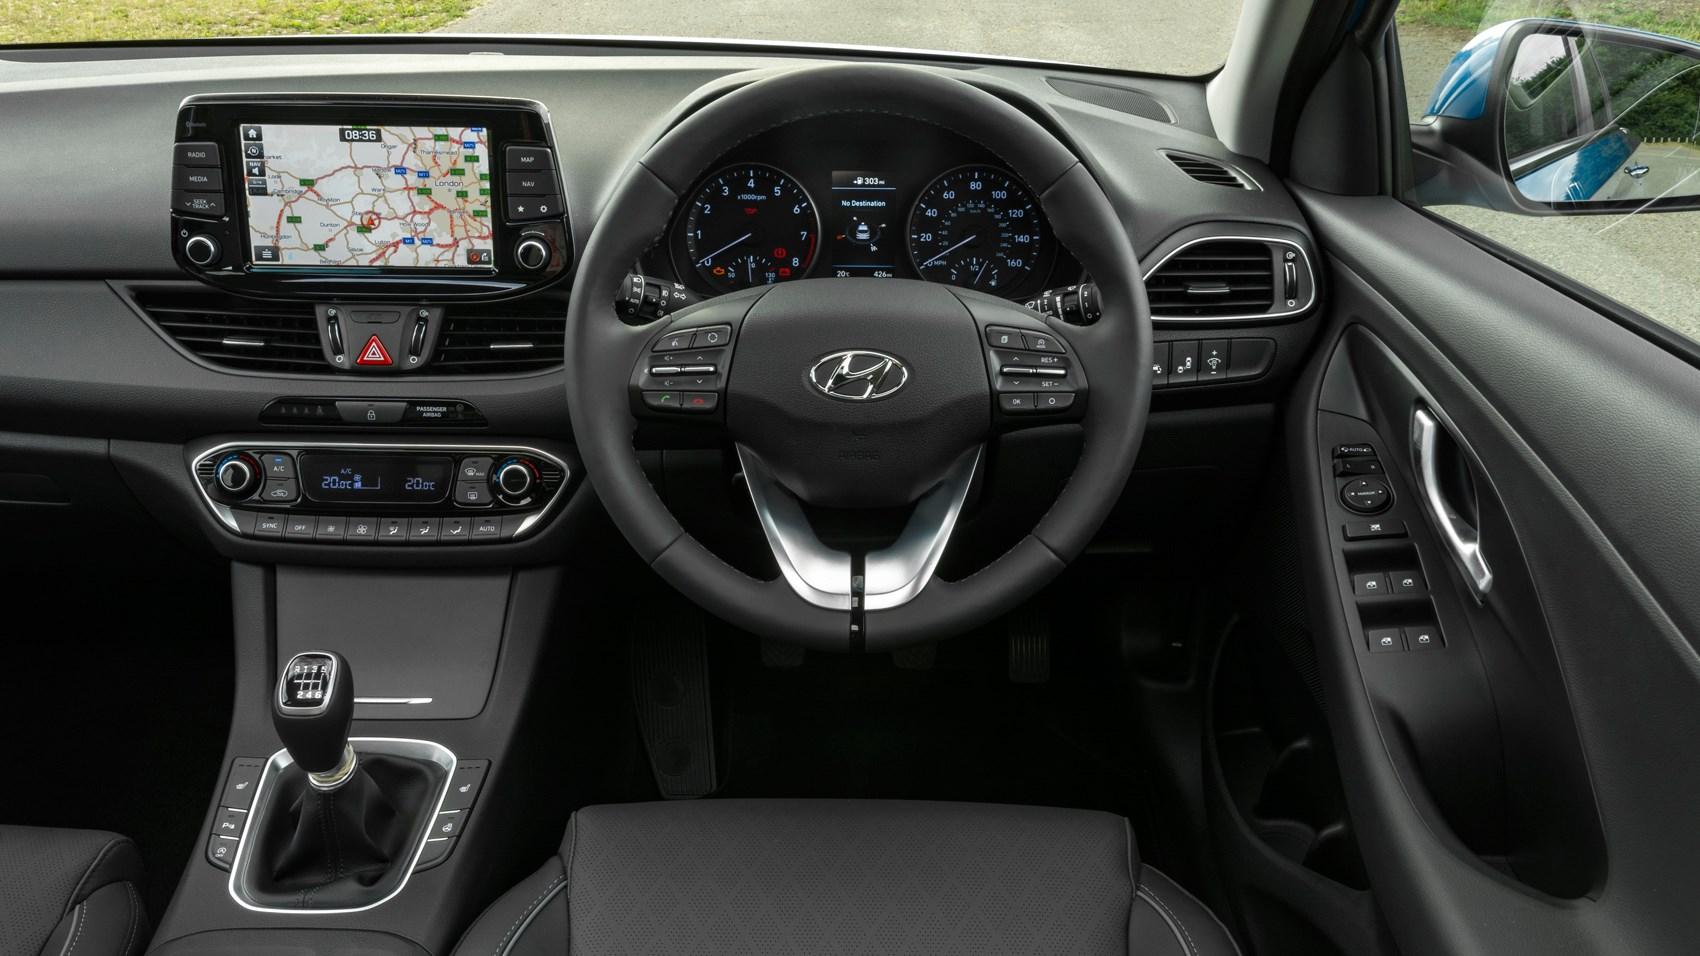 Hyundai i30 Tourer estate interior